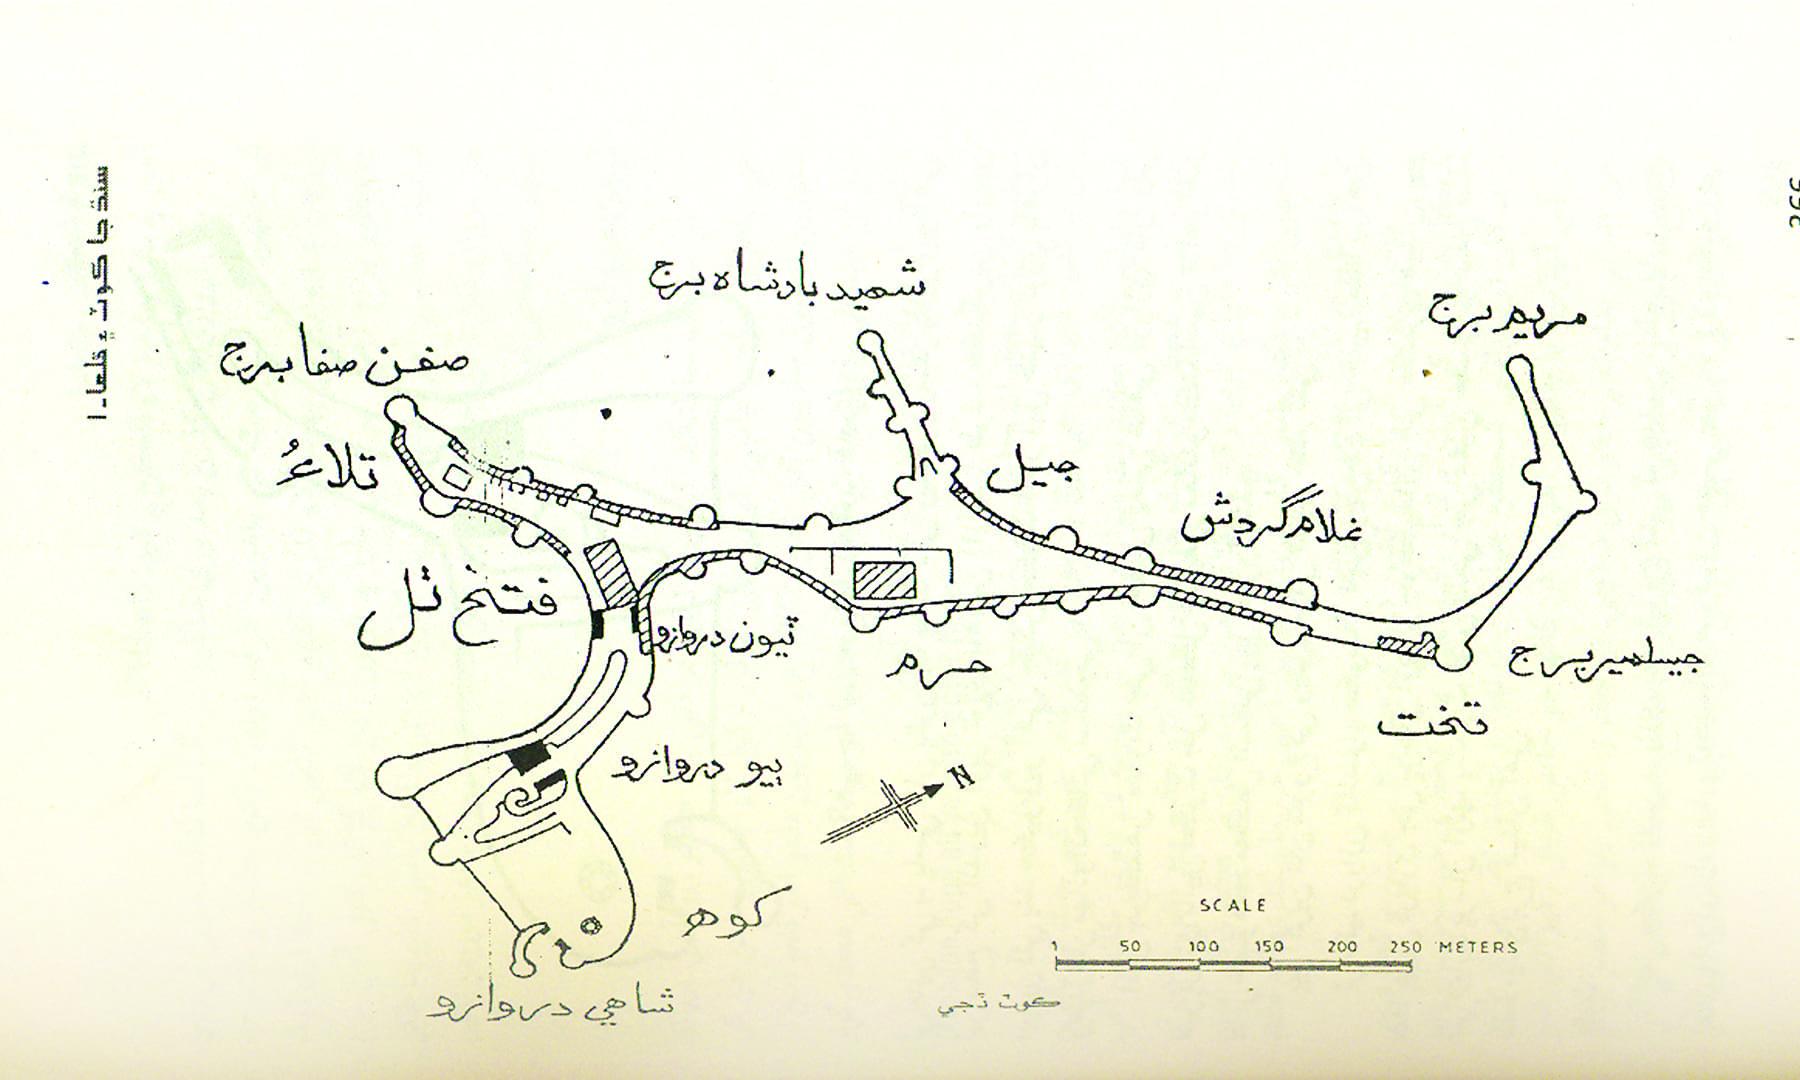 قلعہ کوٹ ڈجی کا نقشہ — کتاب:سندھ جا کوٹ ائیں قلعا- اشتیاق انصاری